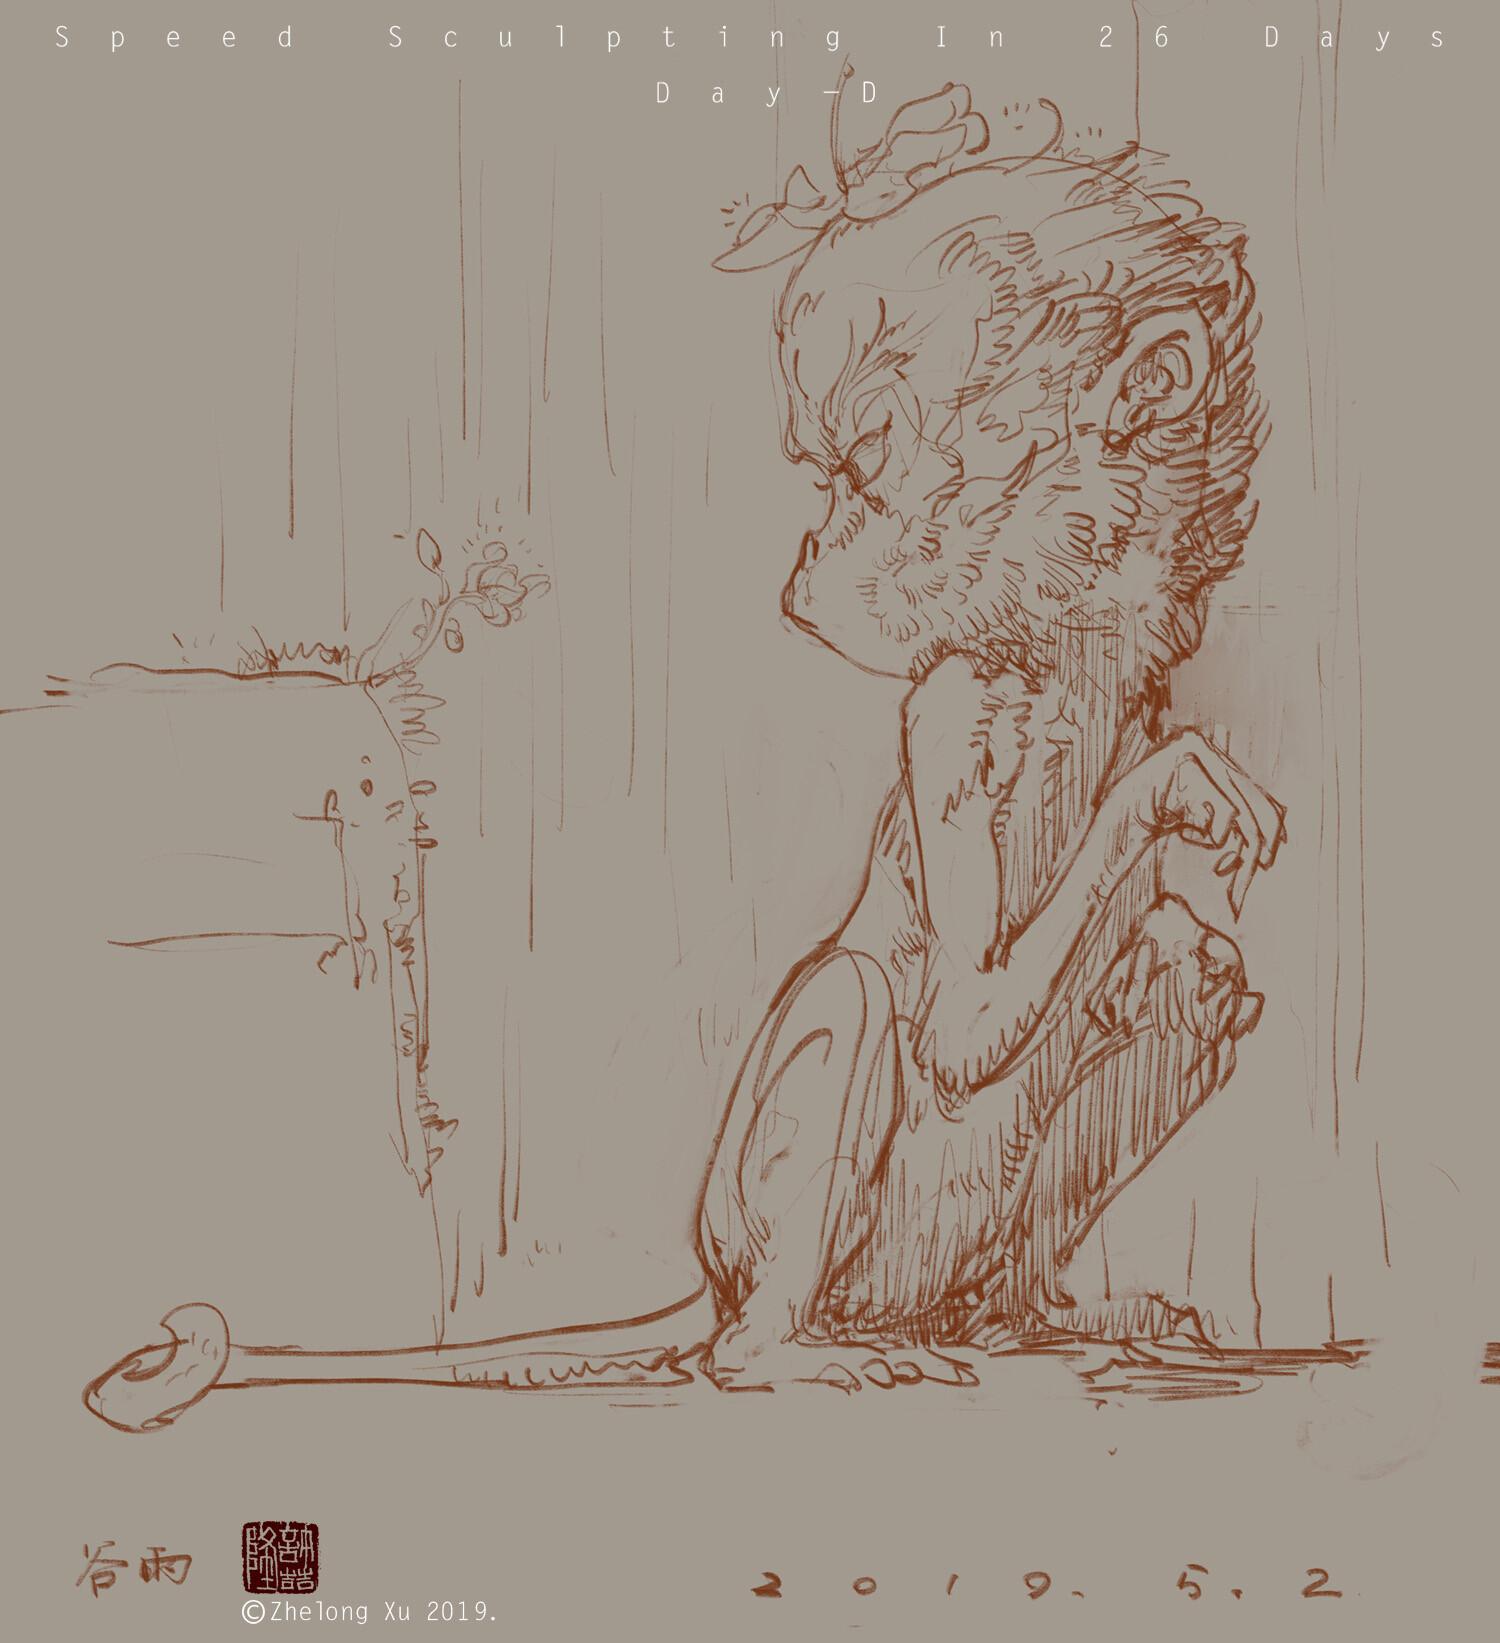 Zhelong xu sketch